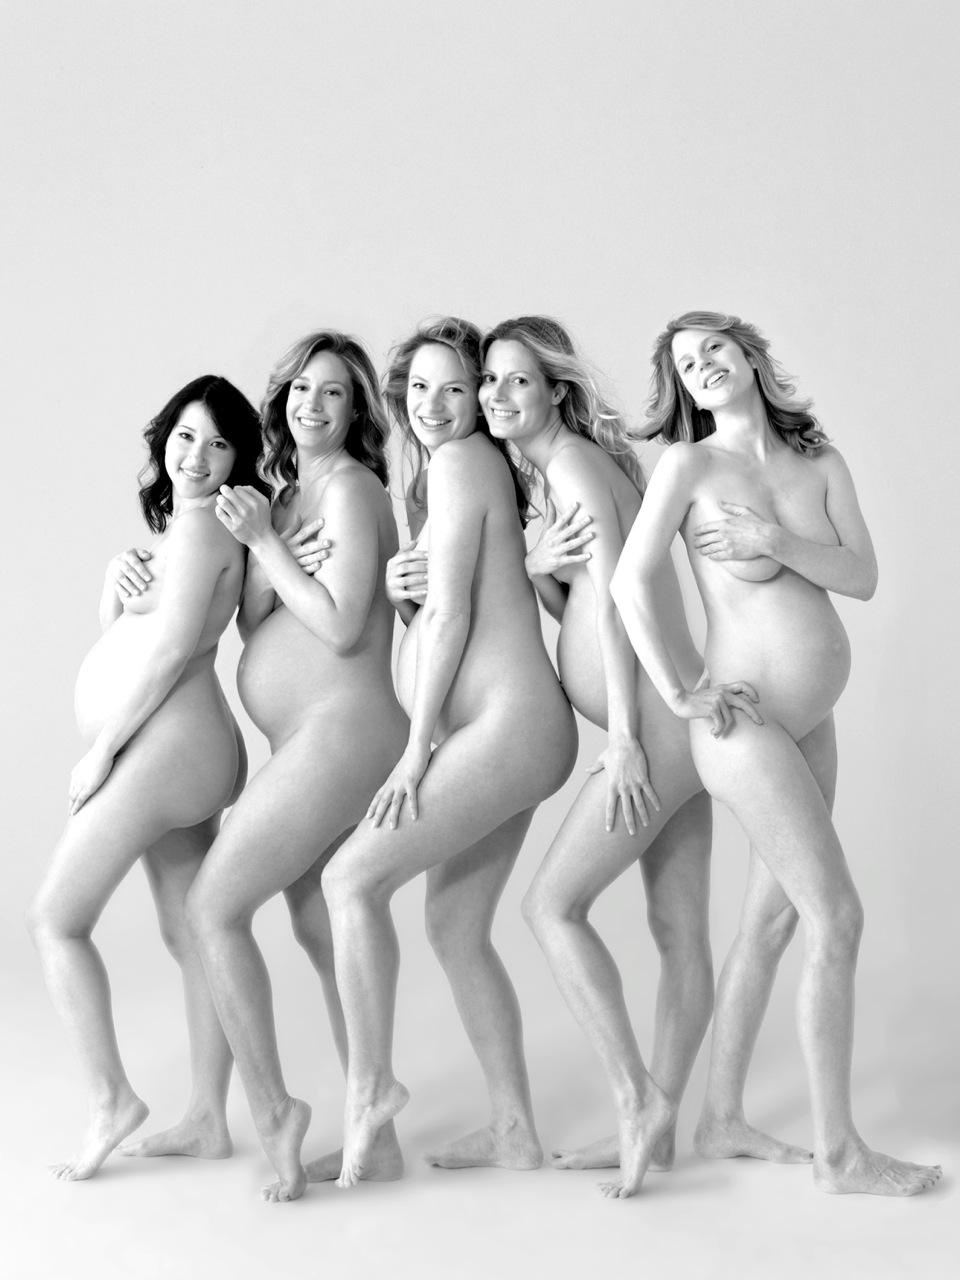 Эротическая гинекология с красивыми женщинами 18 фотография